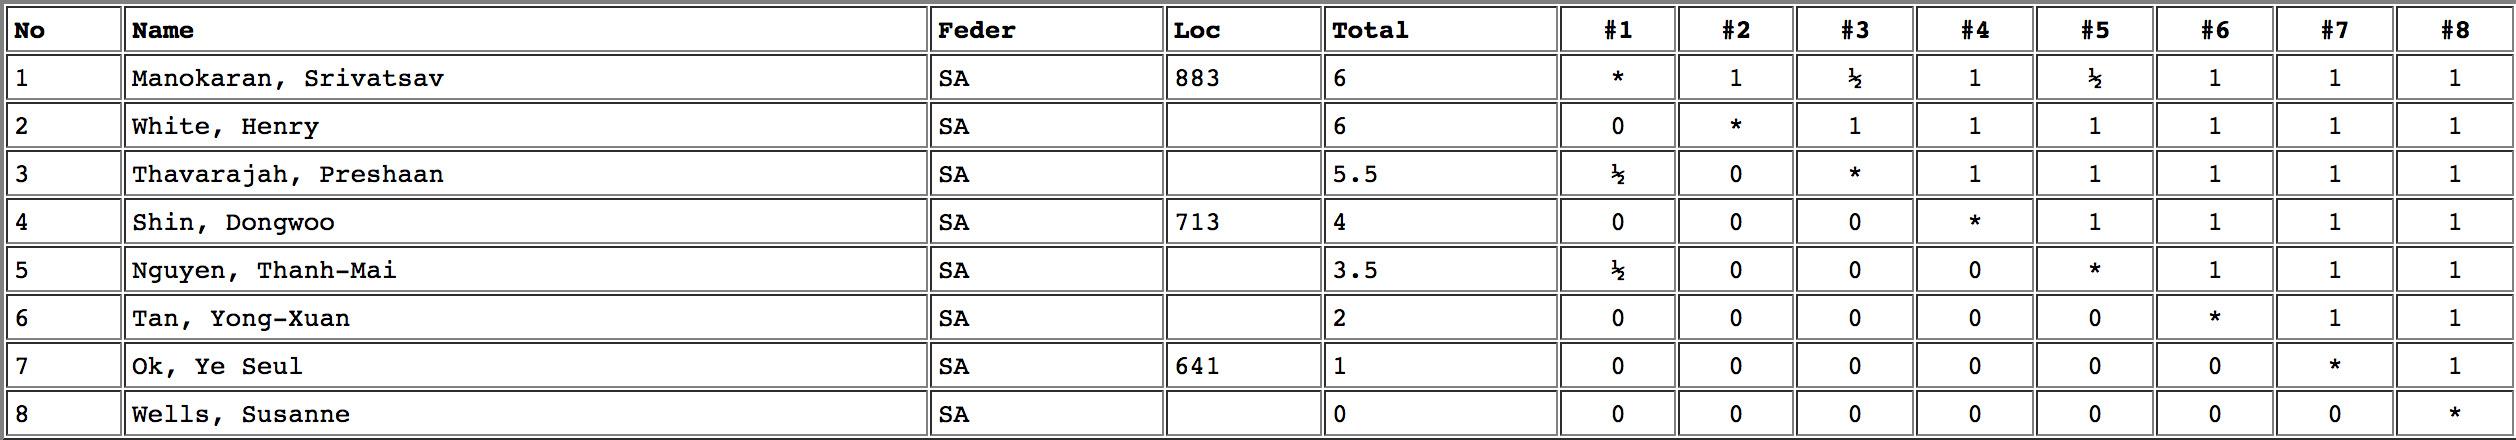 Lidums SA Junior Masters 2013 Results